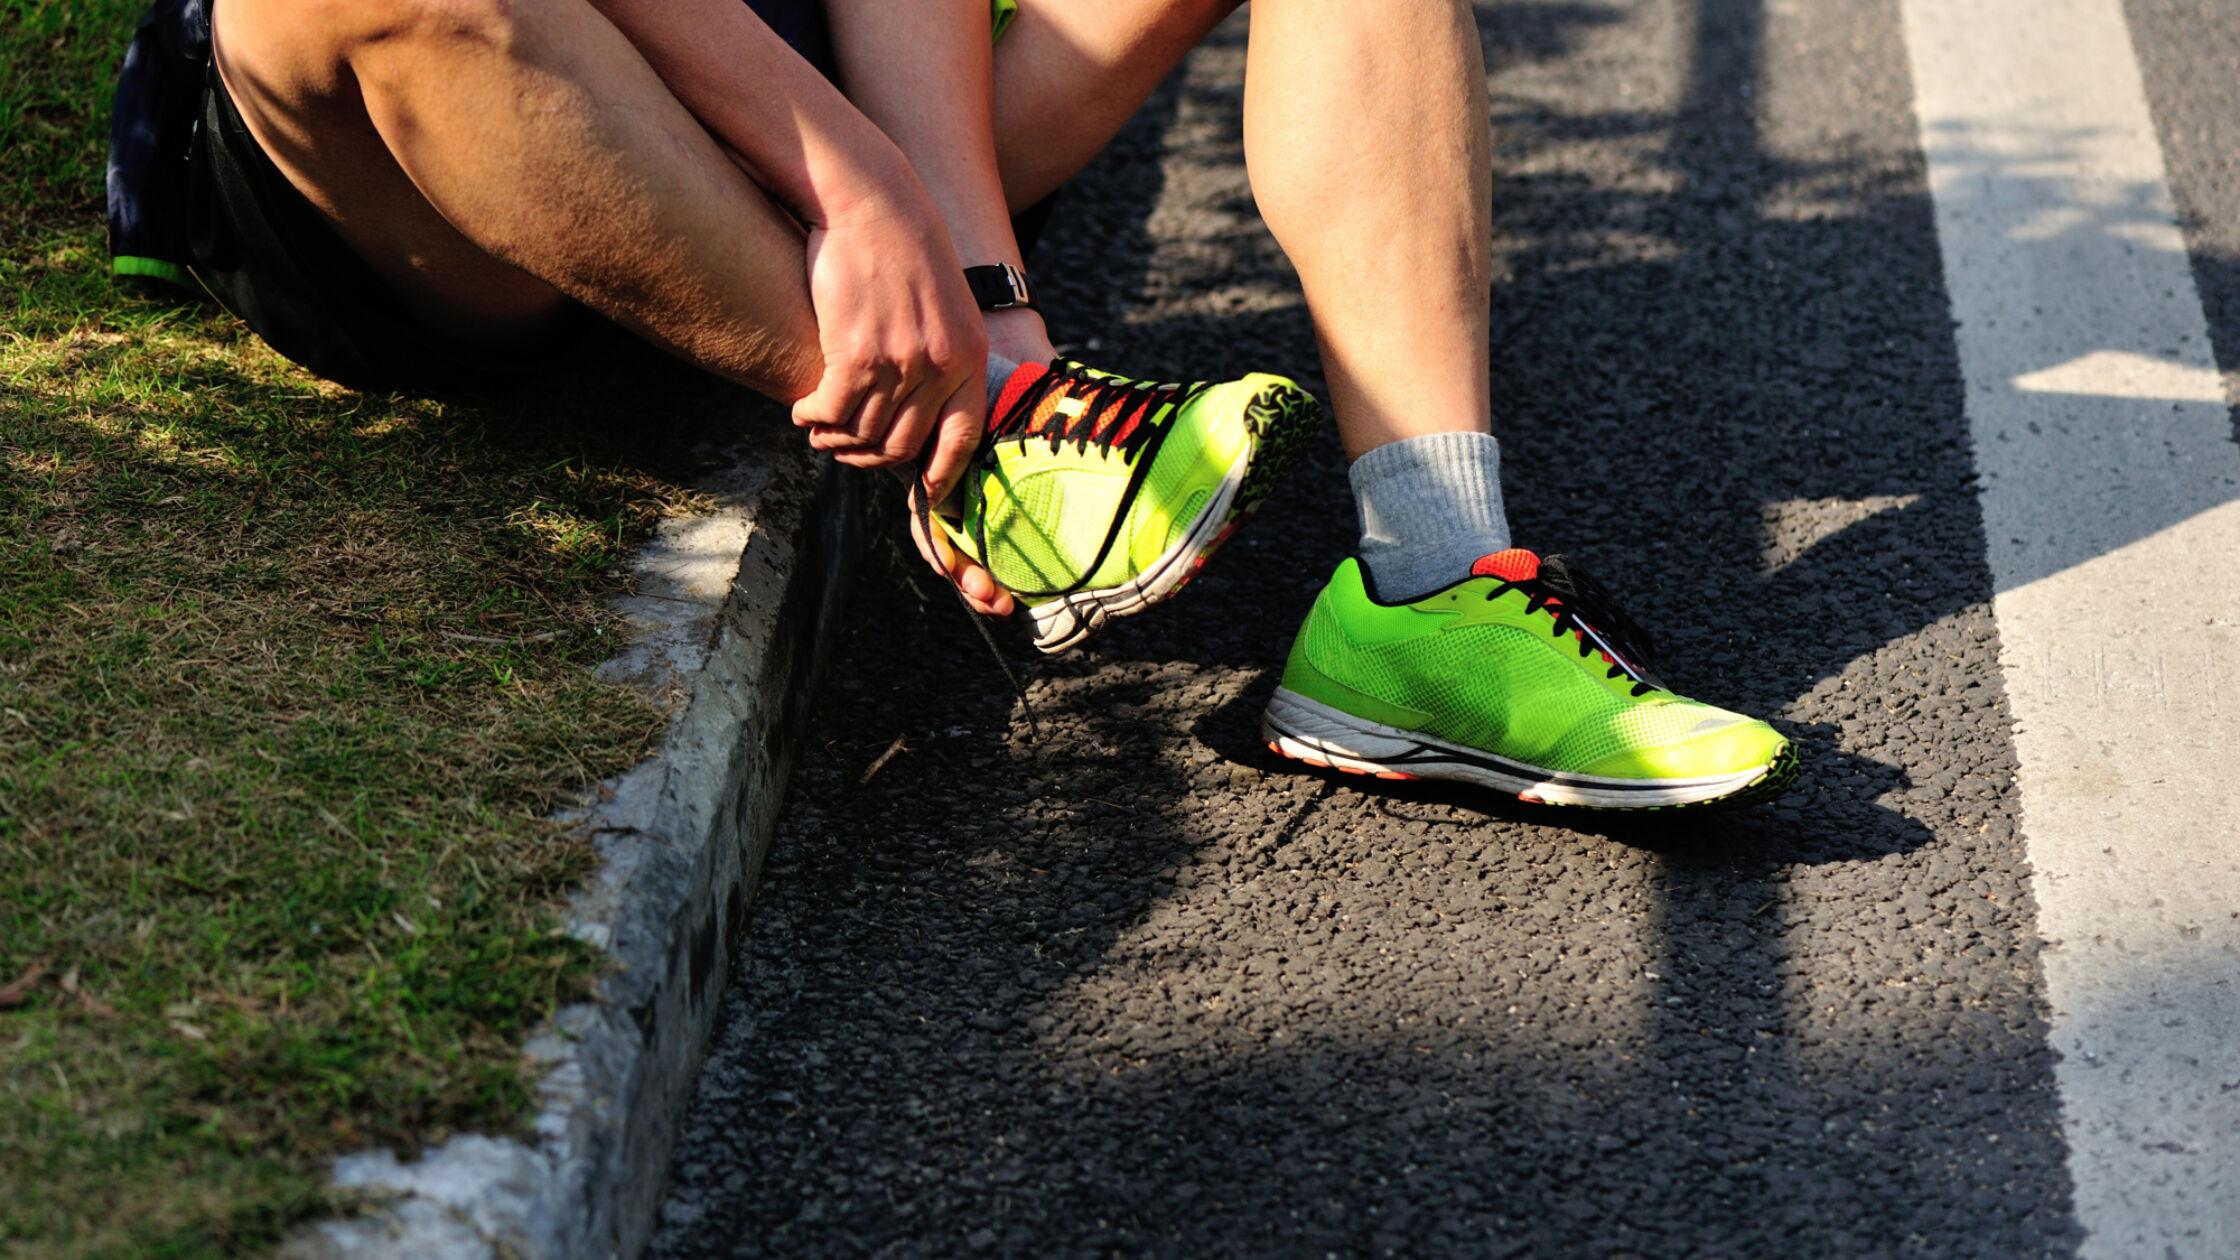 Achillespeesblessures: onderneem tijdig actie